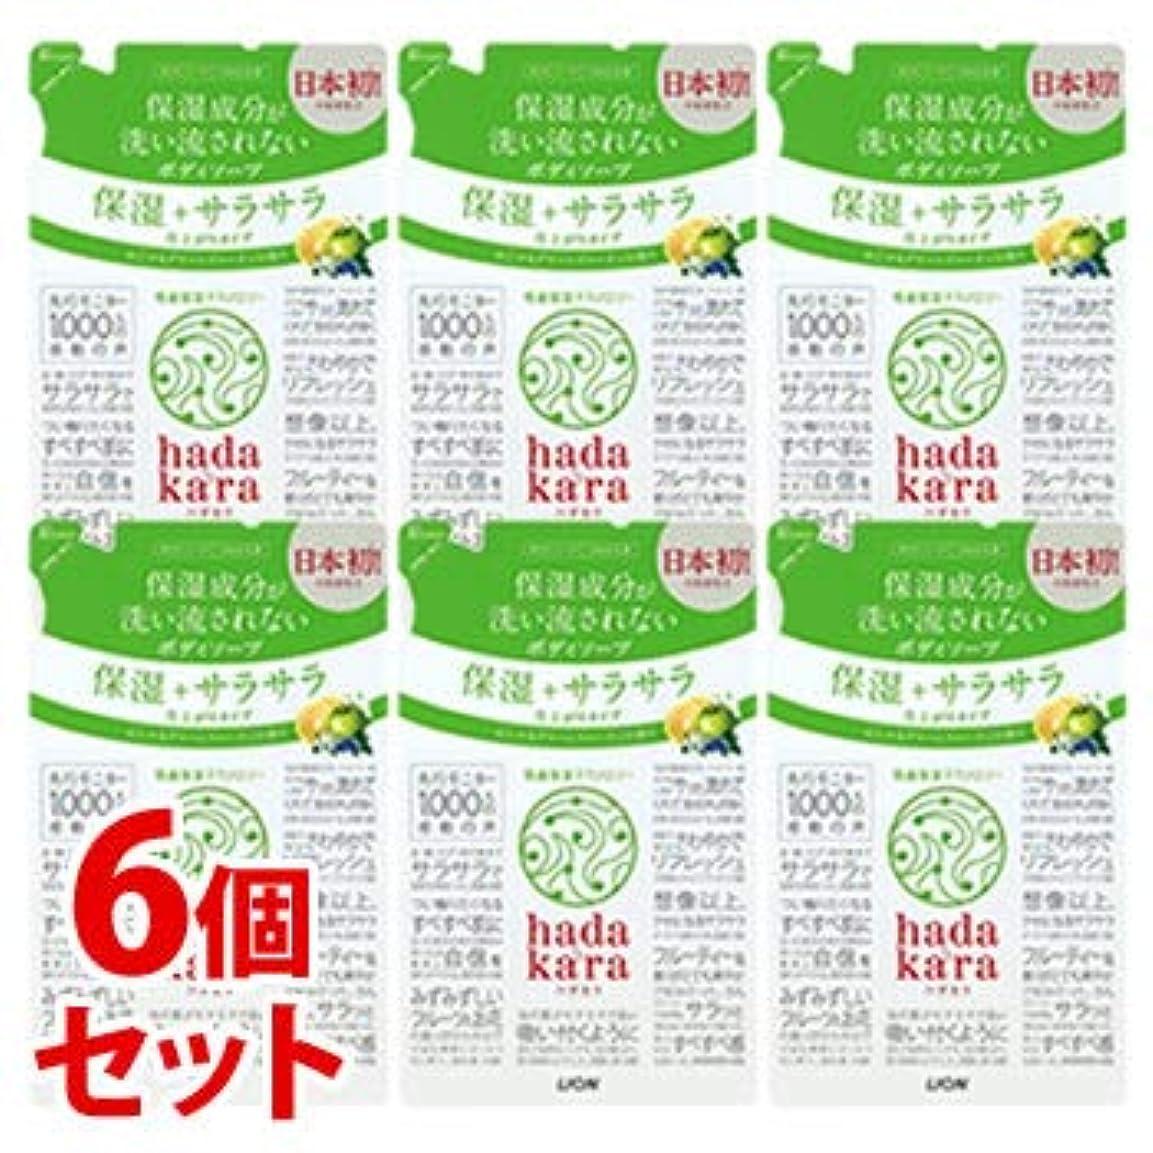 リビジョン王子つかまえる《セット販売》 ライオン ハダカラ hadakara ボディソープ 保湿+サラサラ仕上がりタイプ グリーンフルーティの香り つめかえ用 (340mL)×6個セット 詰め替え用